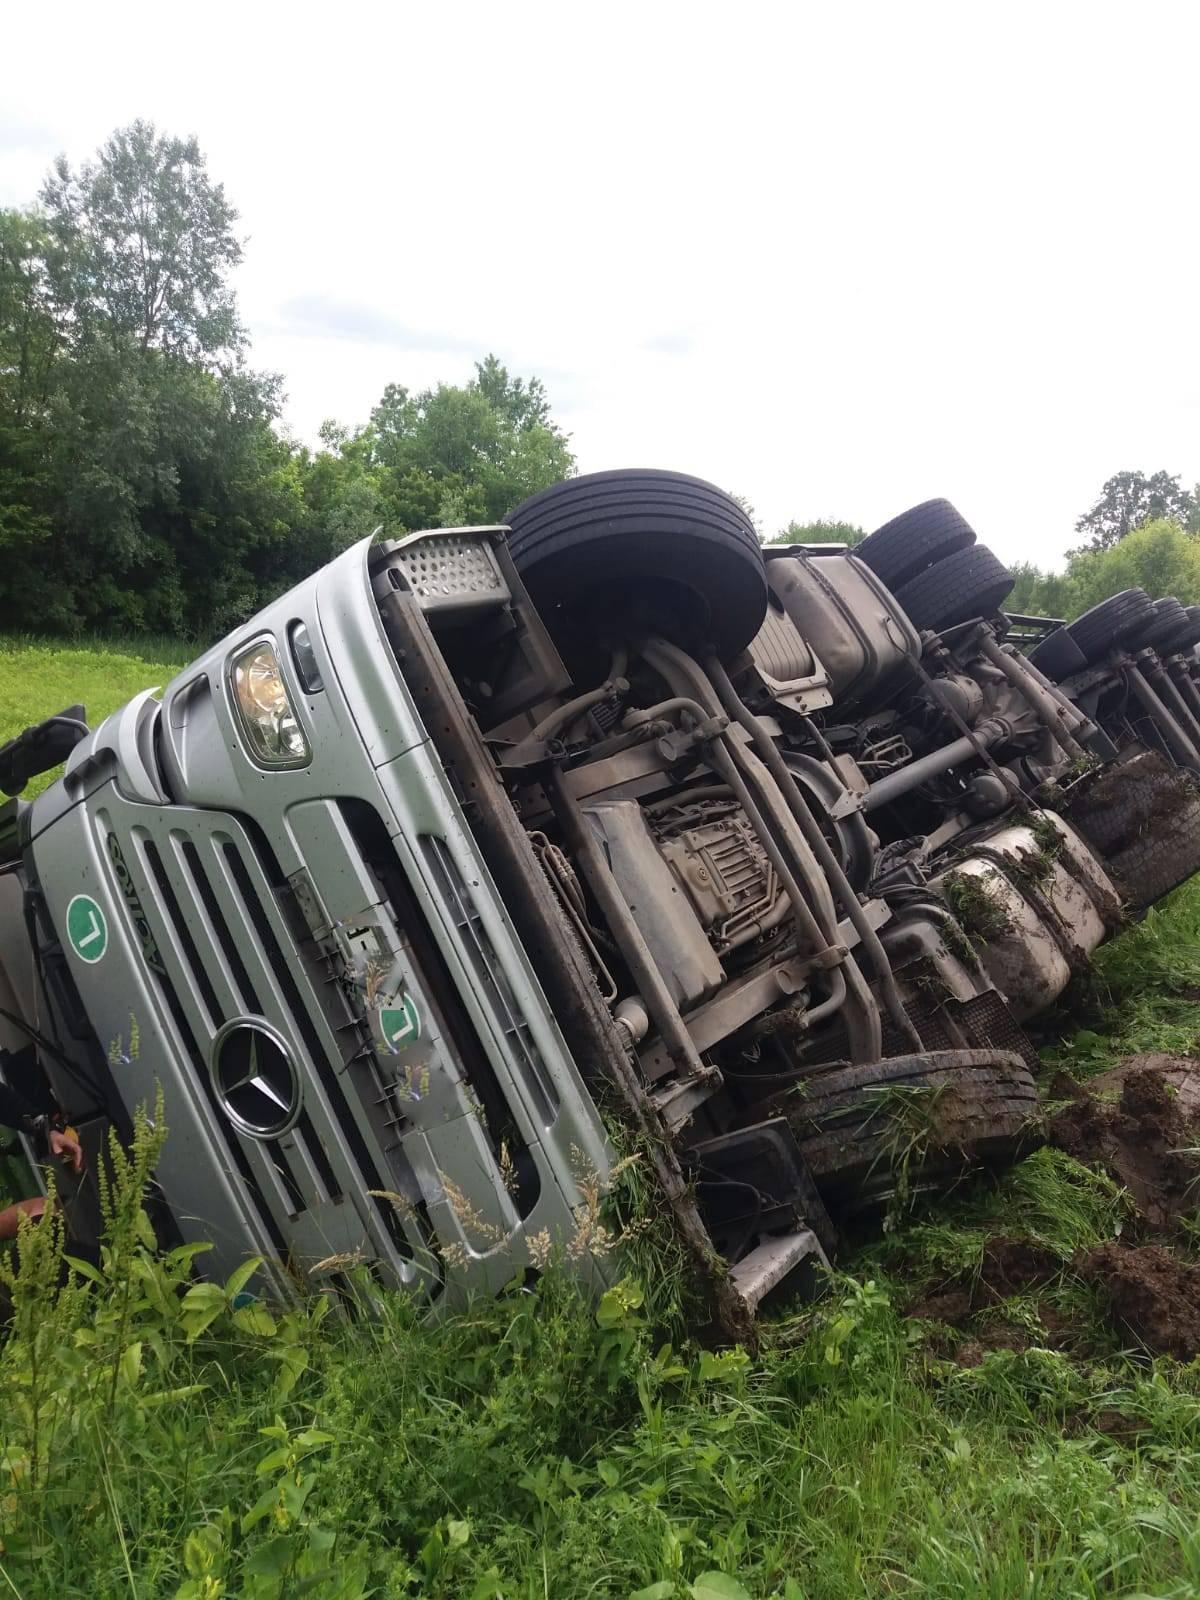 Prevrnuo se kamion na cesti: 'Trčao sam pomoći vozaču...'